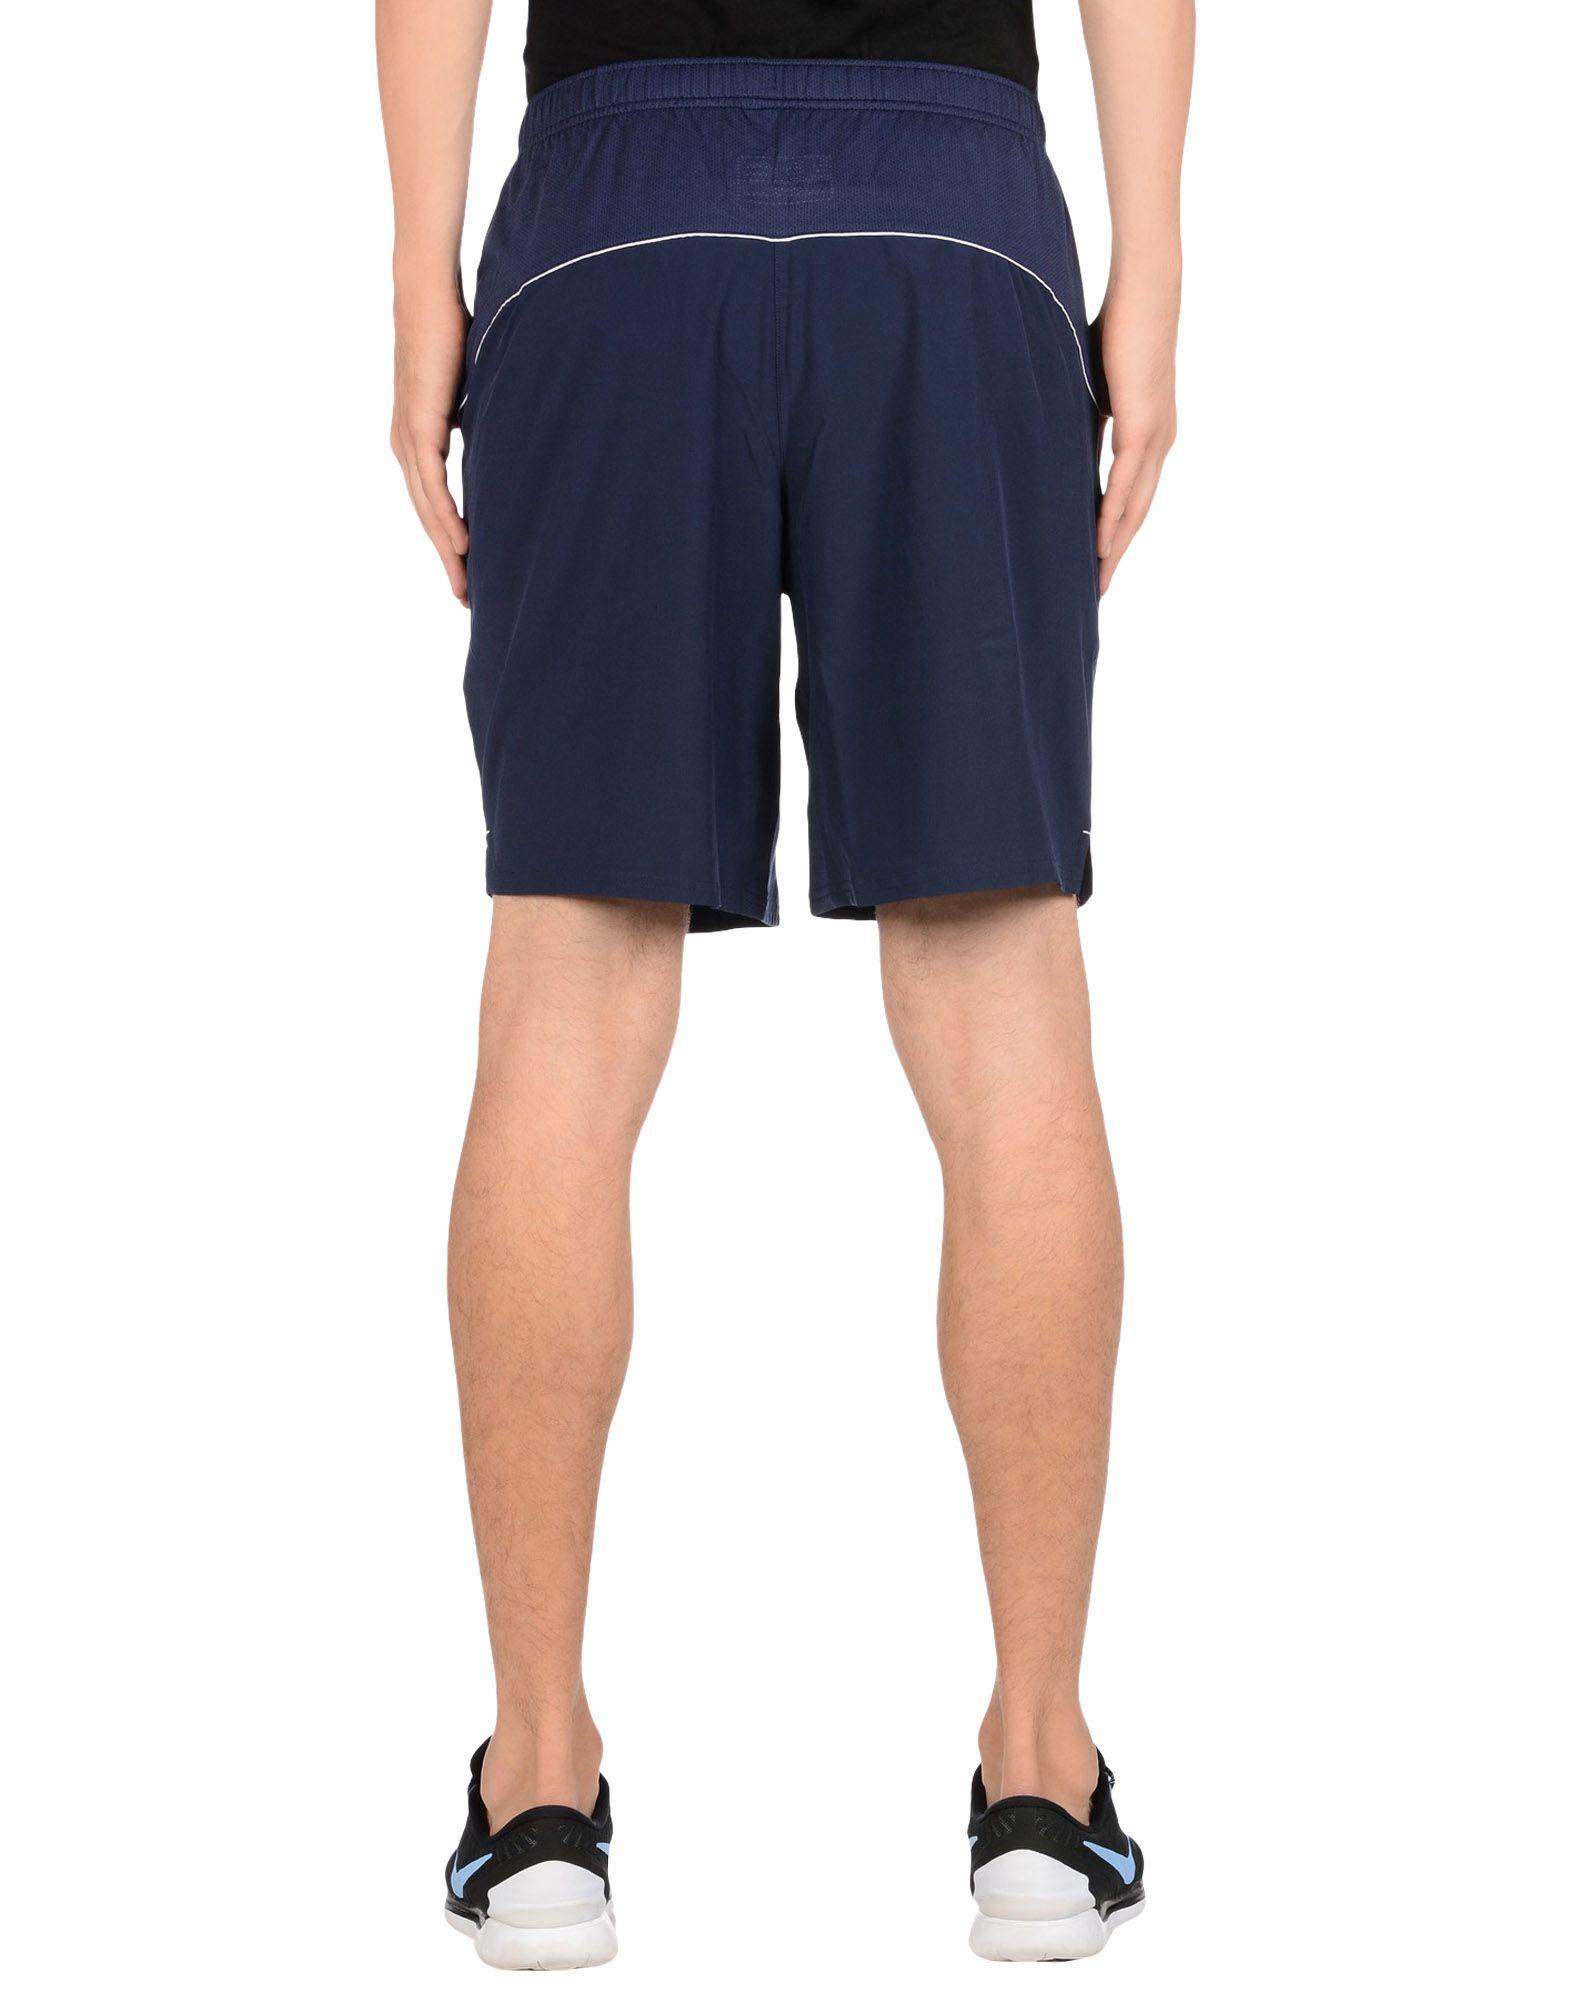 Pantalone Sportivo Nuovo 9In Balance Casino 9In Nuovo Woven Short - Uomo - 36920381QQ 91a709